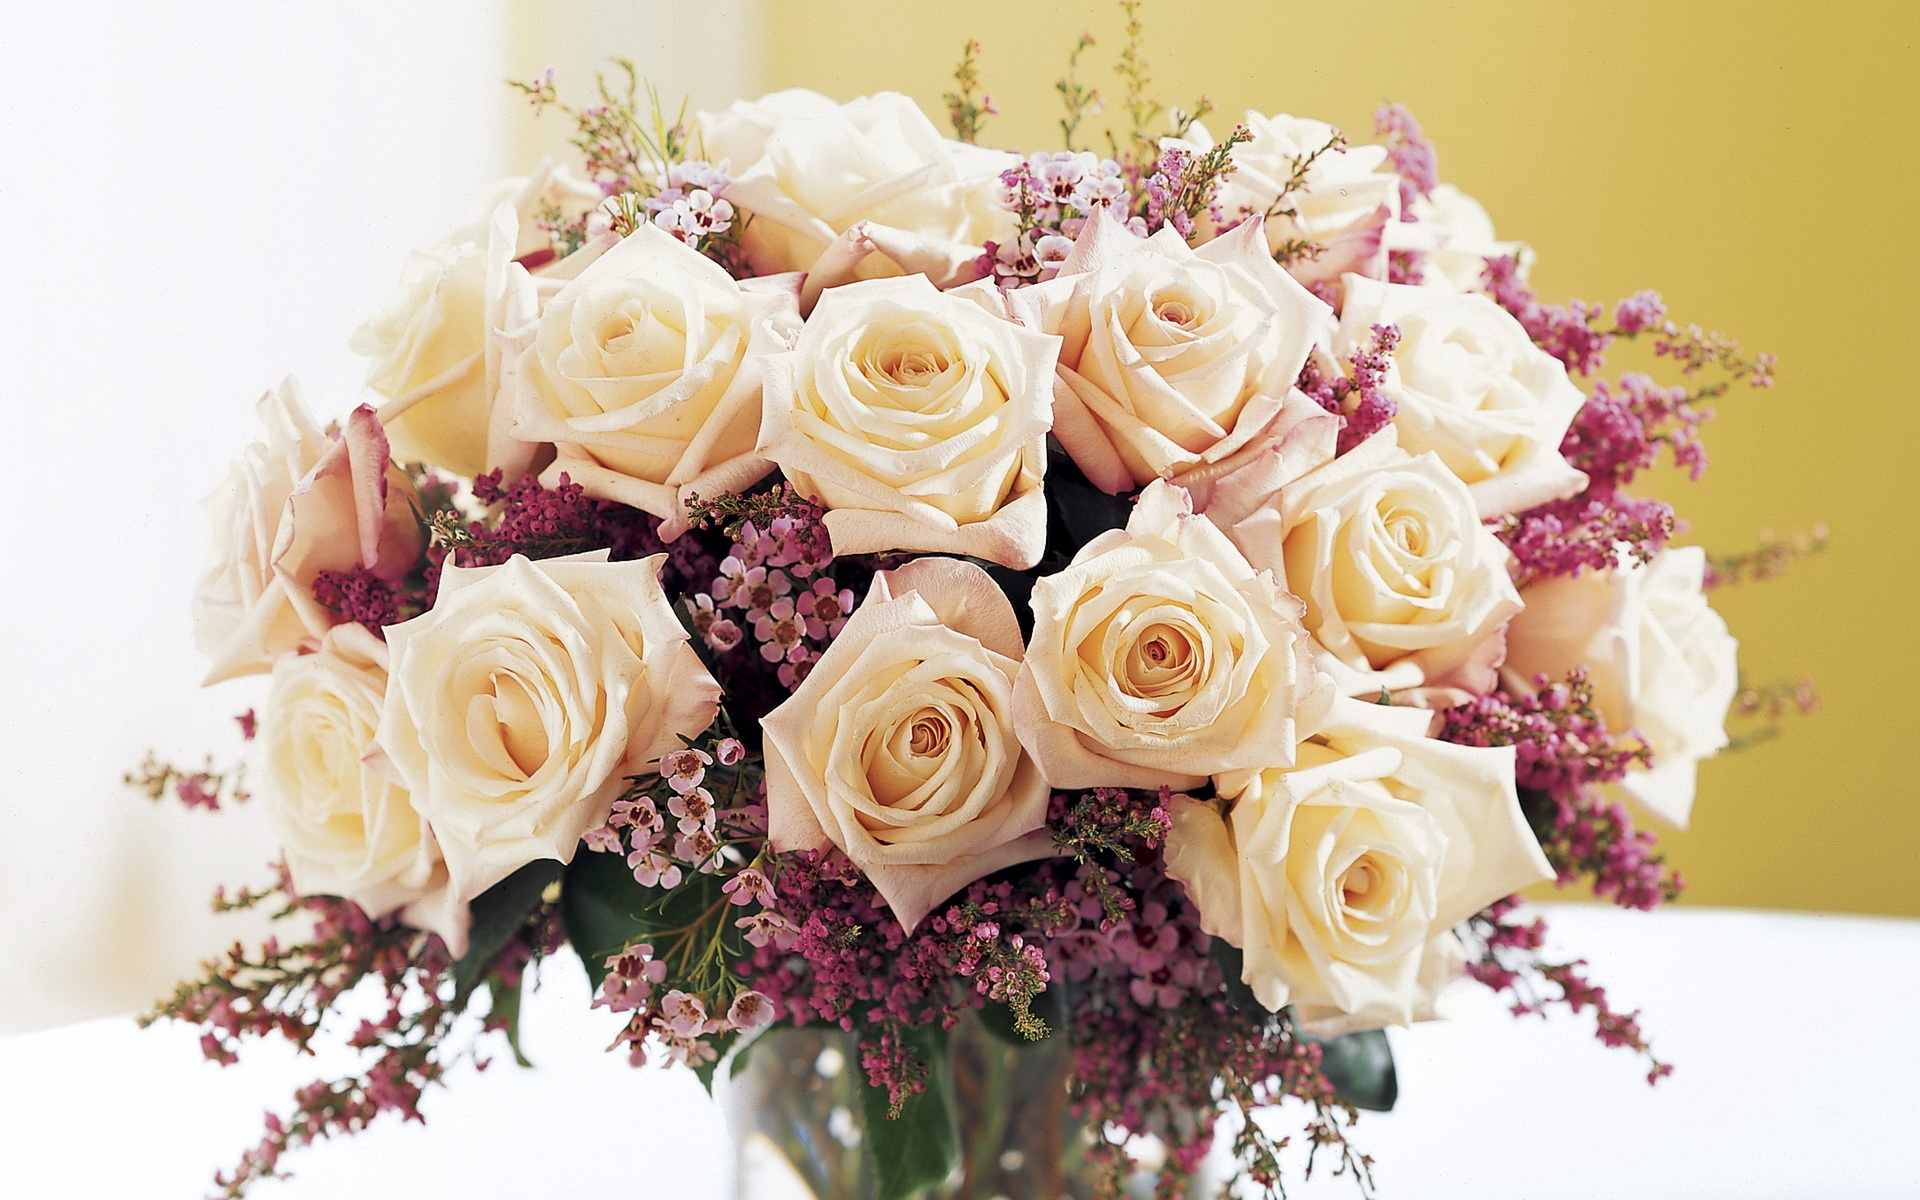 букет роз обои на рабочий стол в высоком качестве № 178091 загрузить